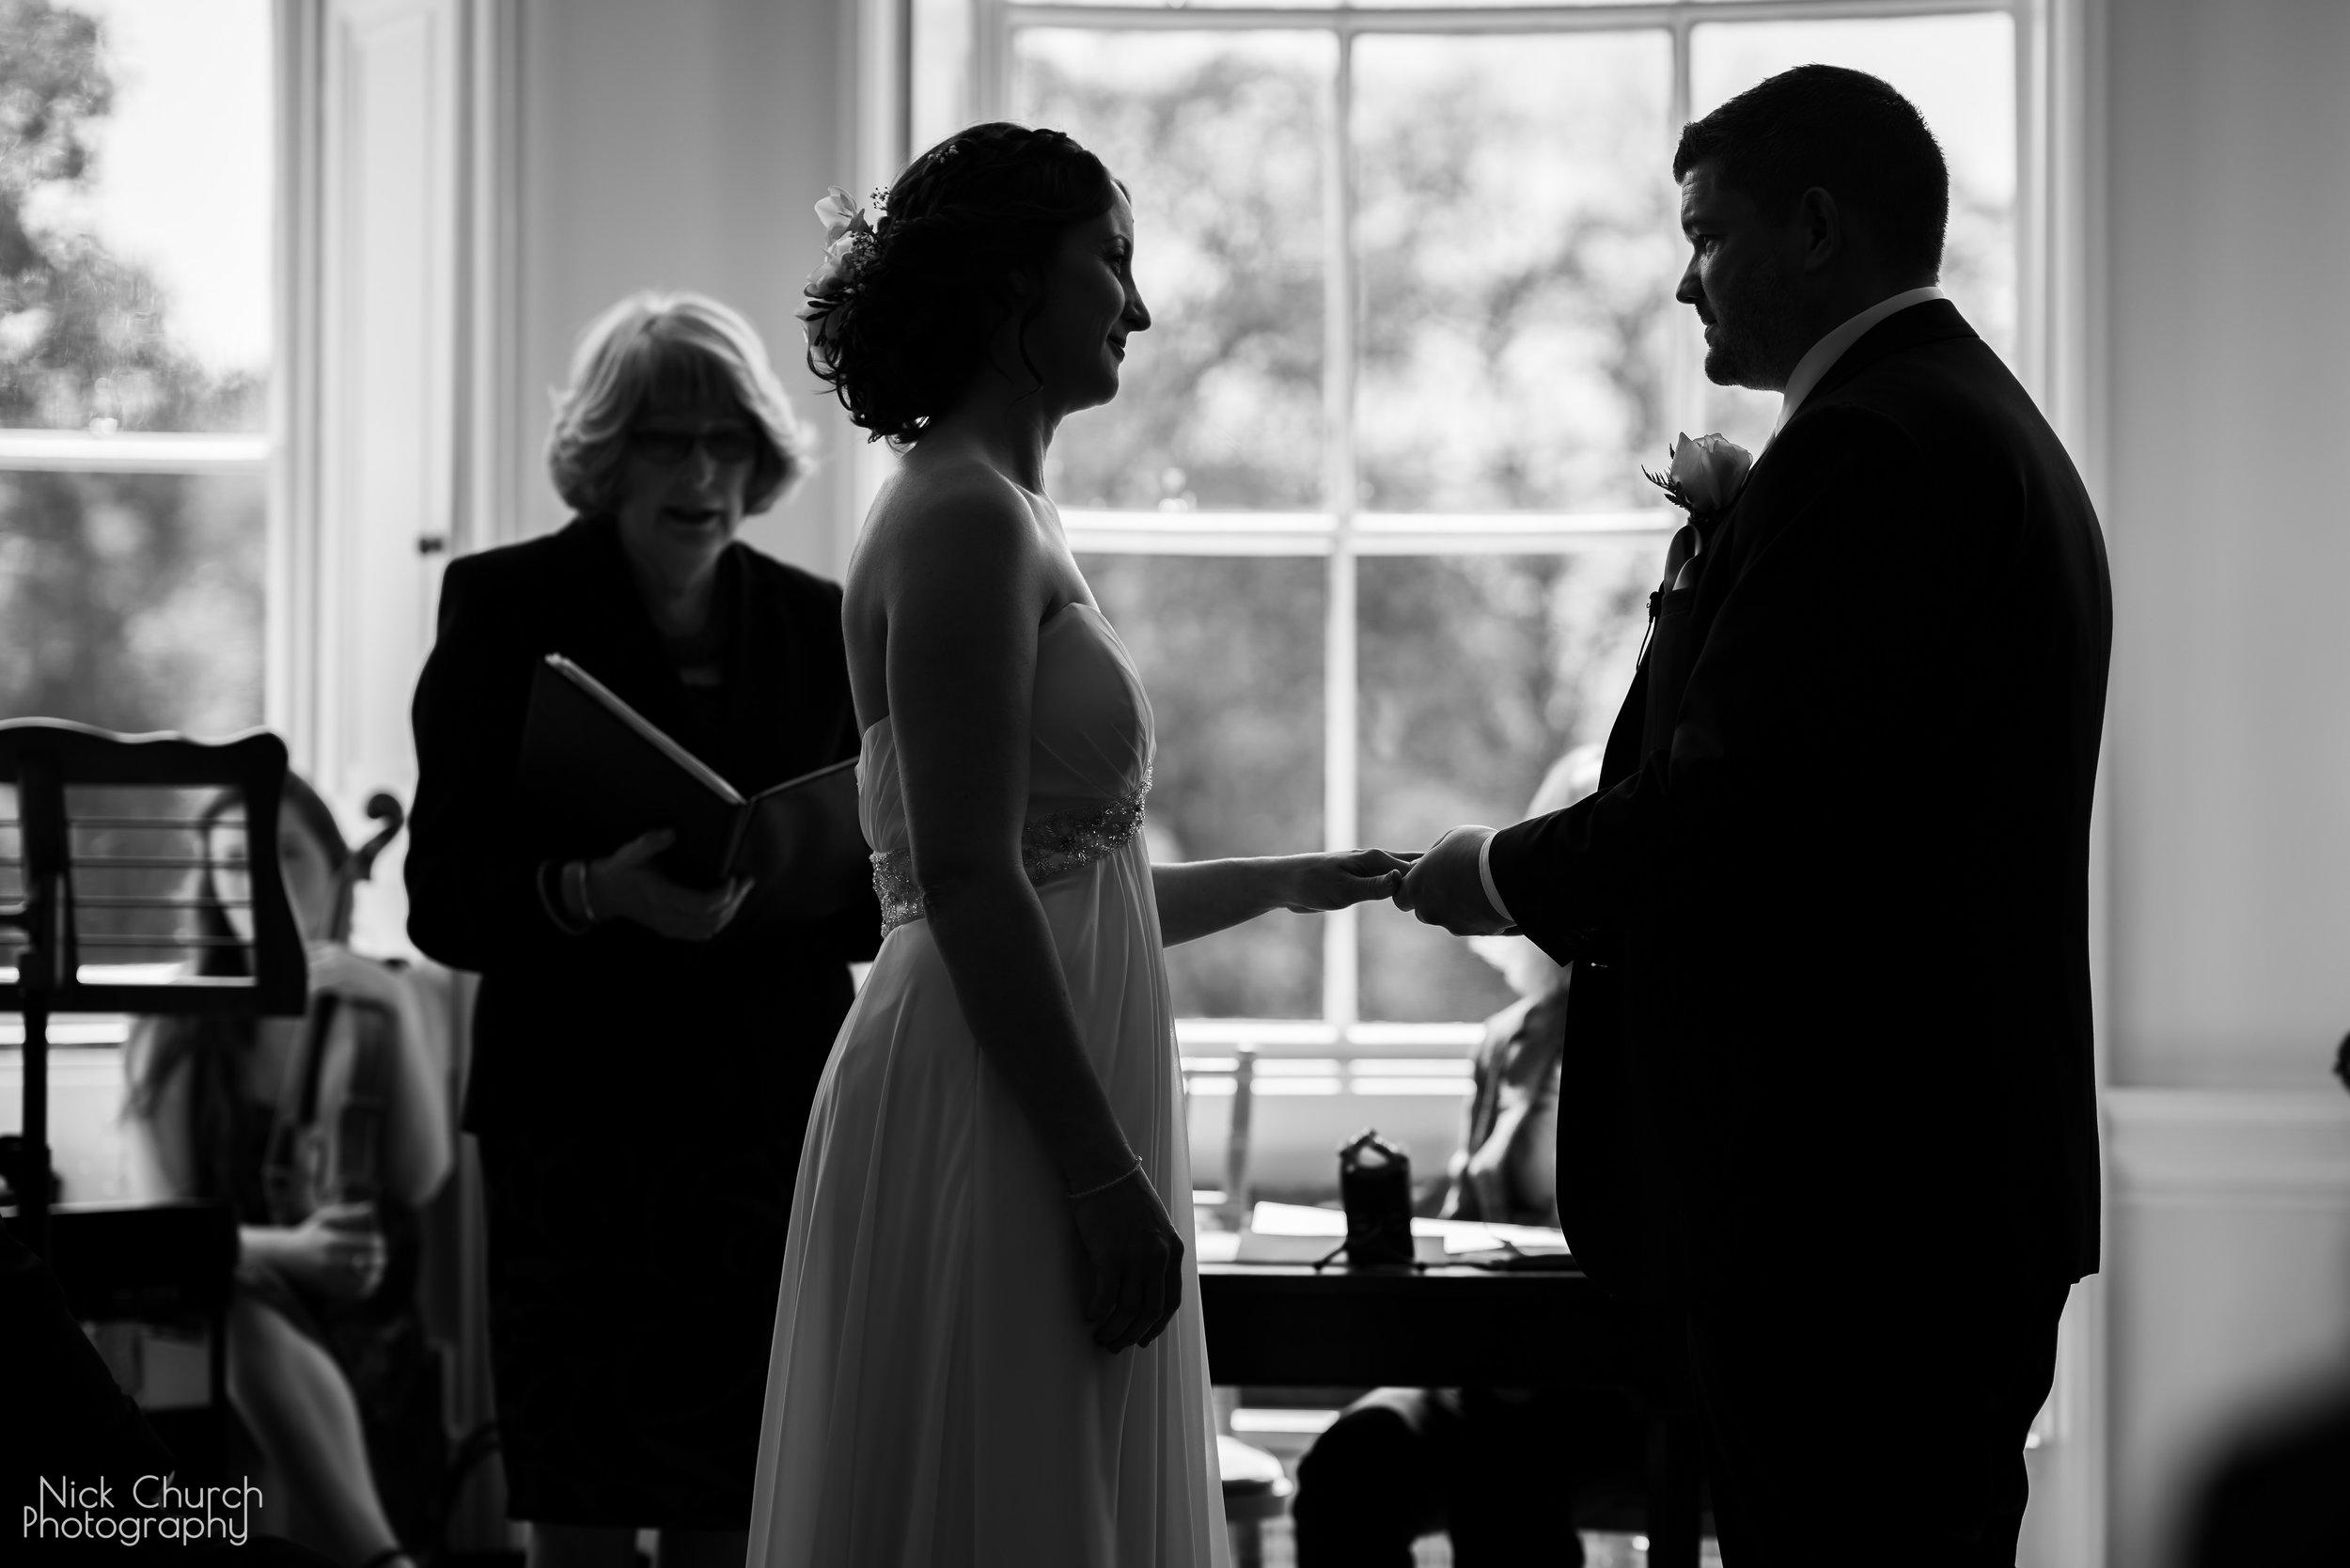 NC-2018-05-07-joanna-and-steve-wedding-0406.jpg